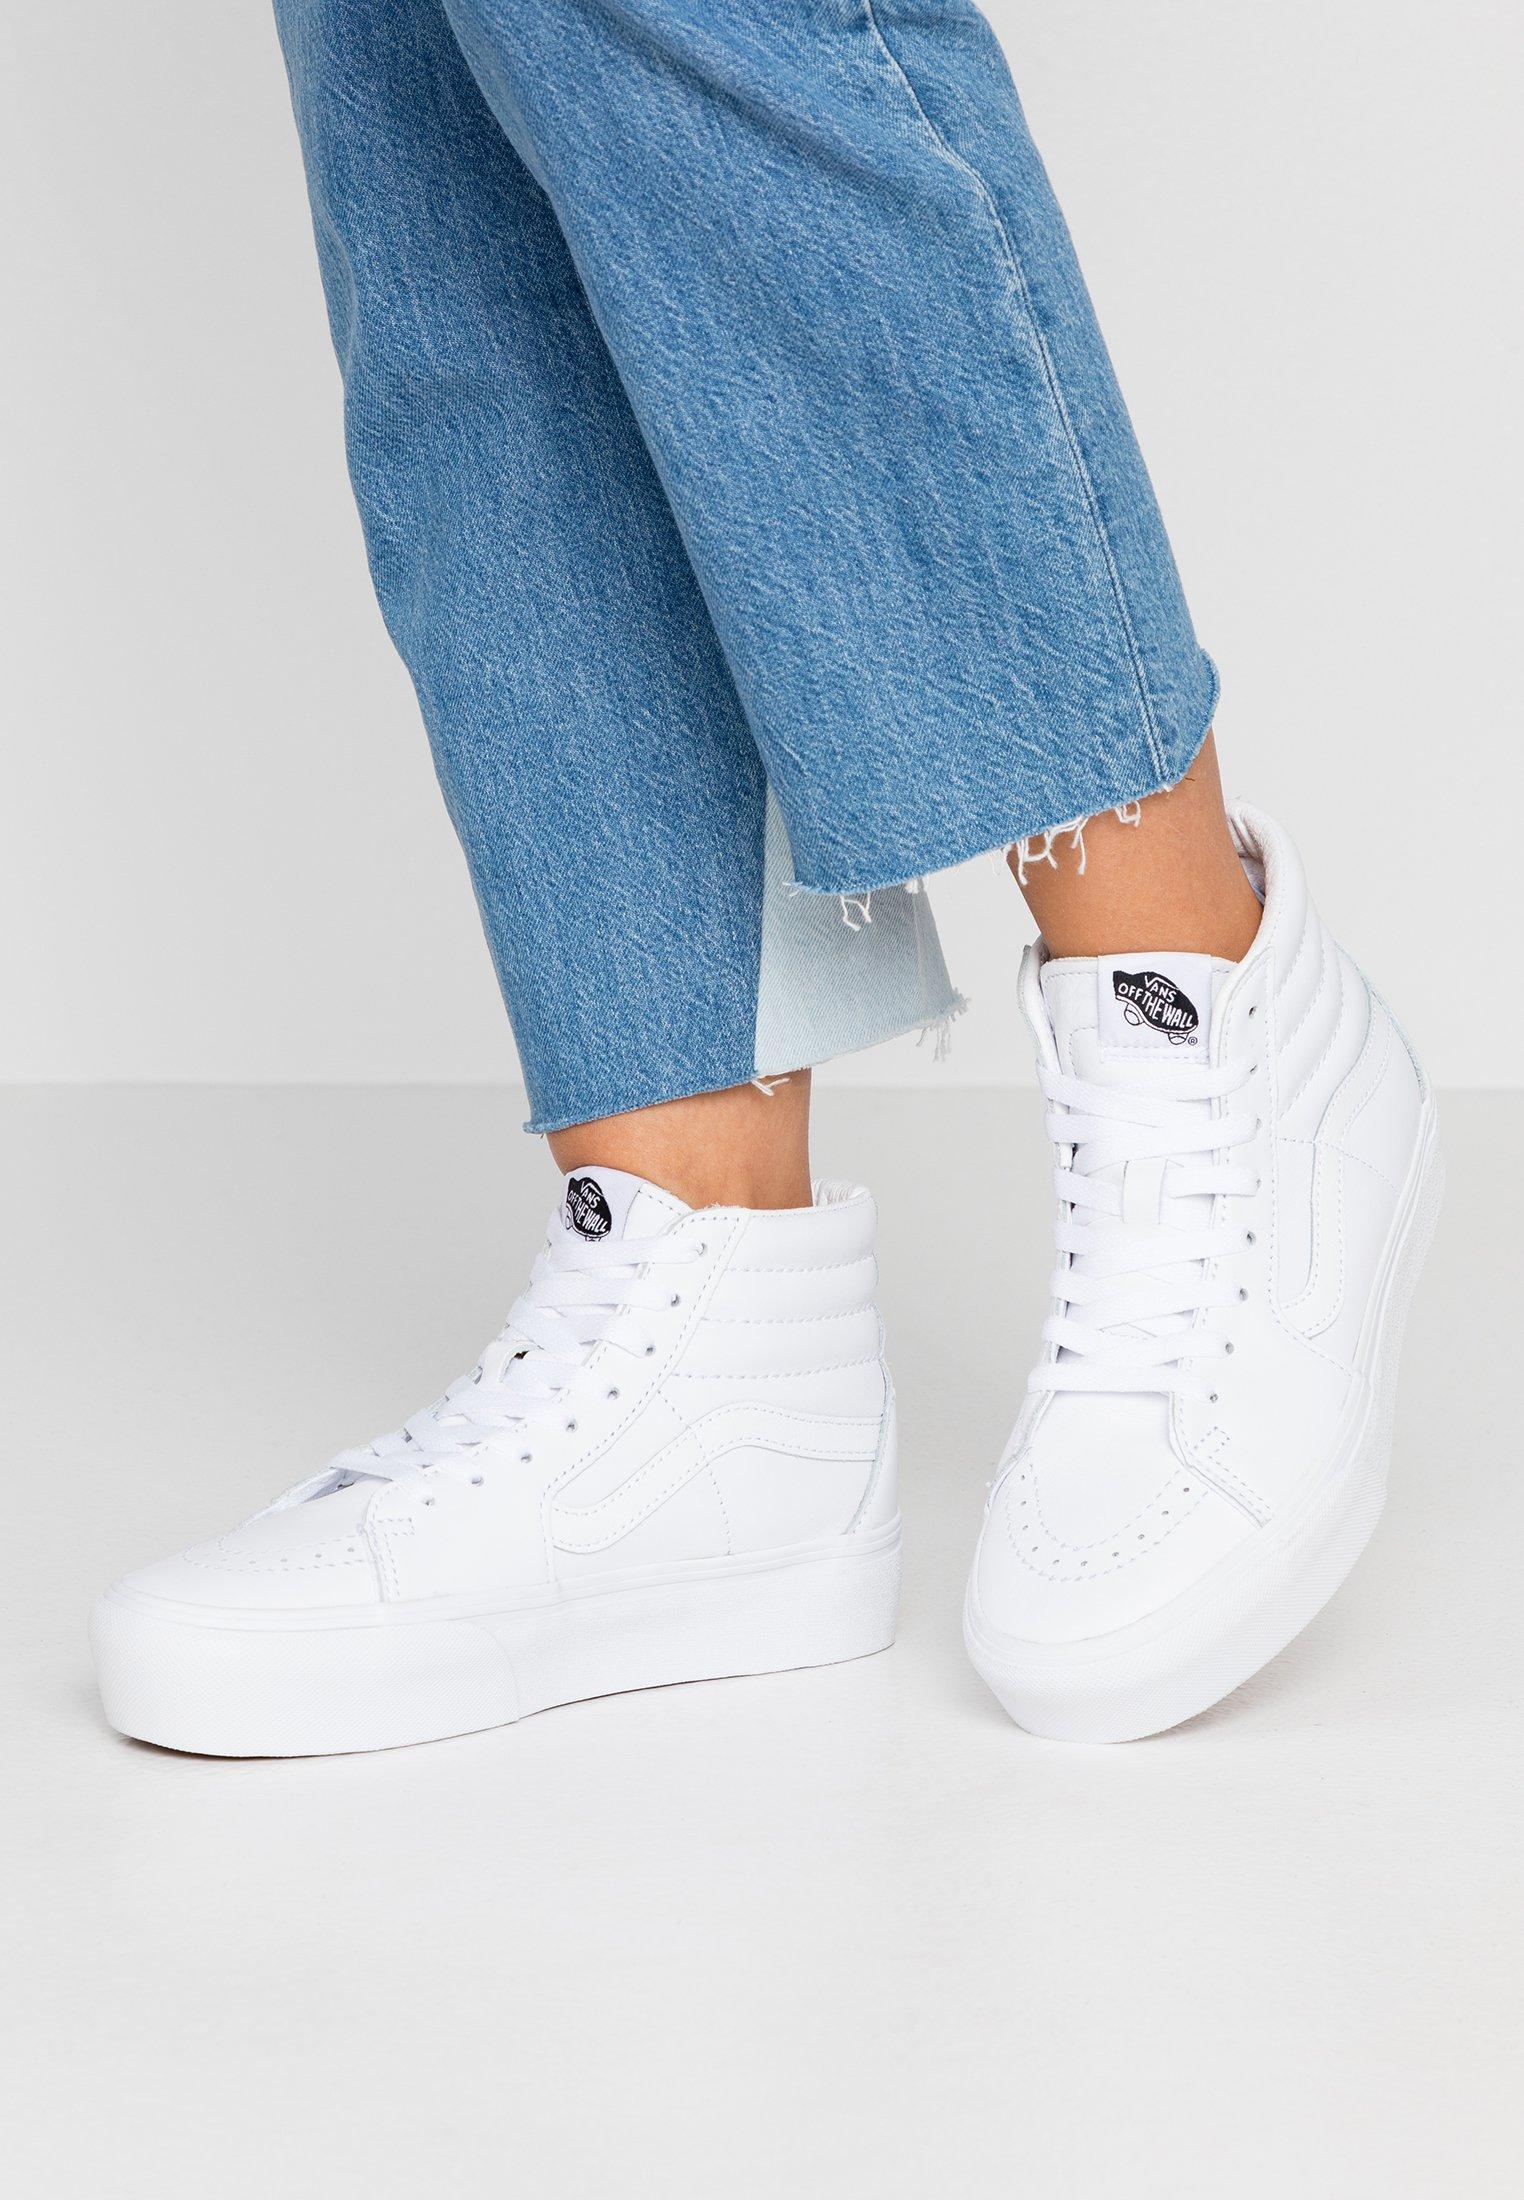 True Alte White PlatformSneakers Sk8 Vans 54LAjR